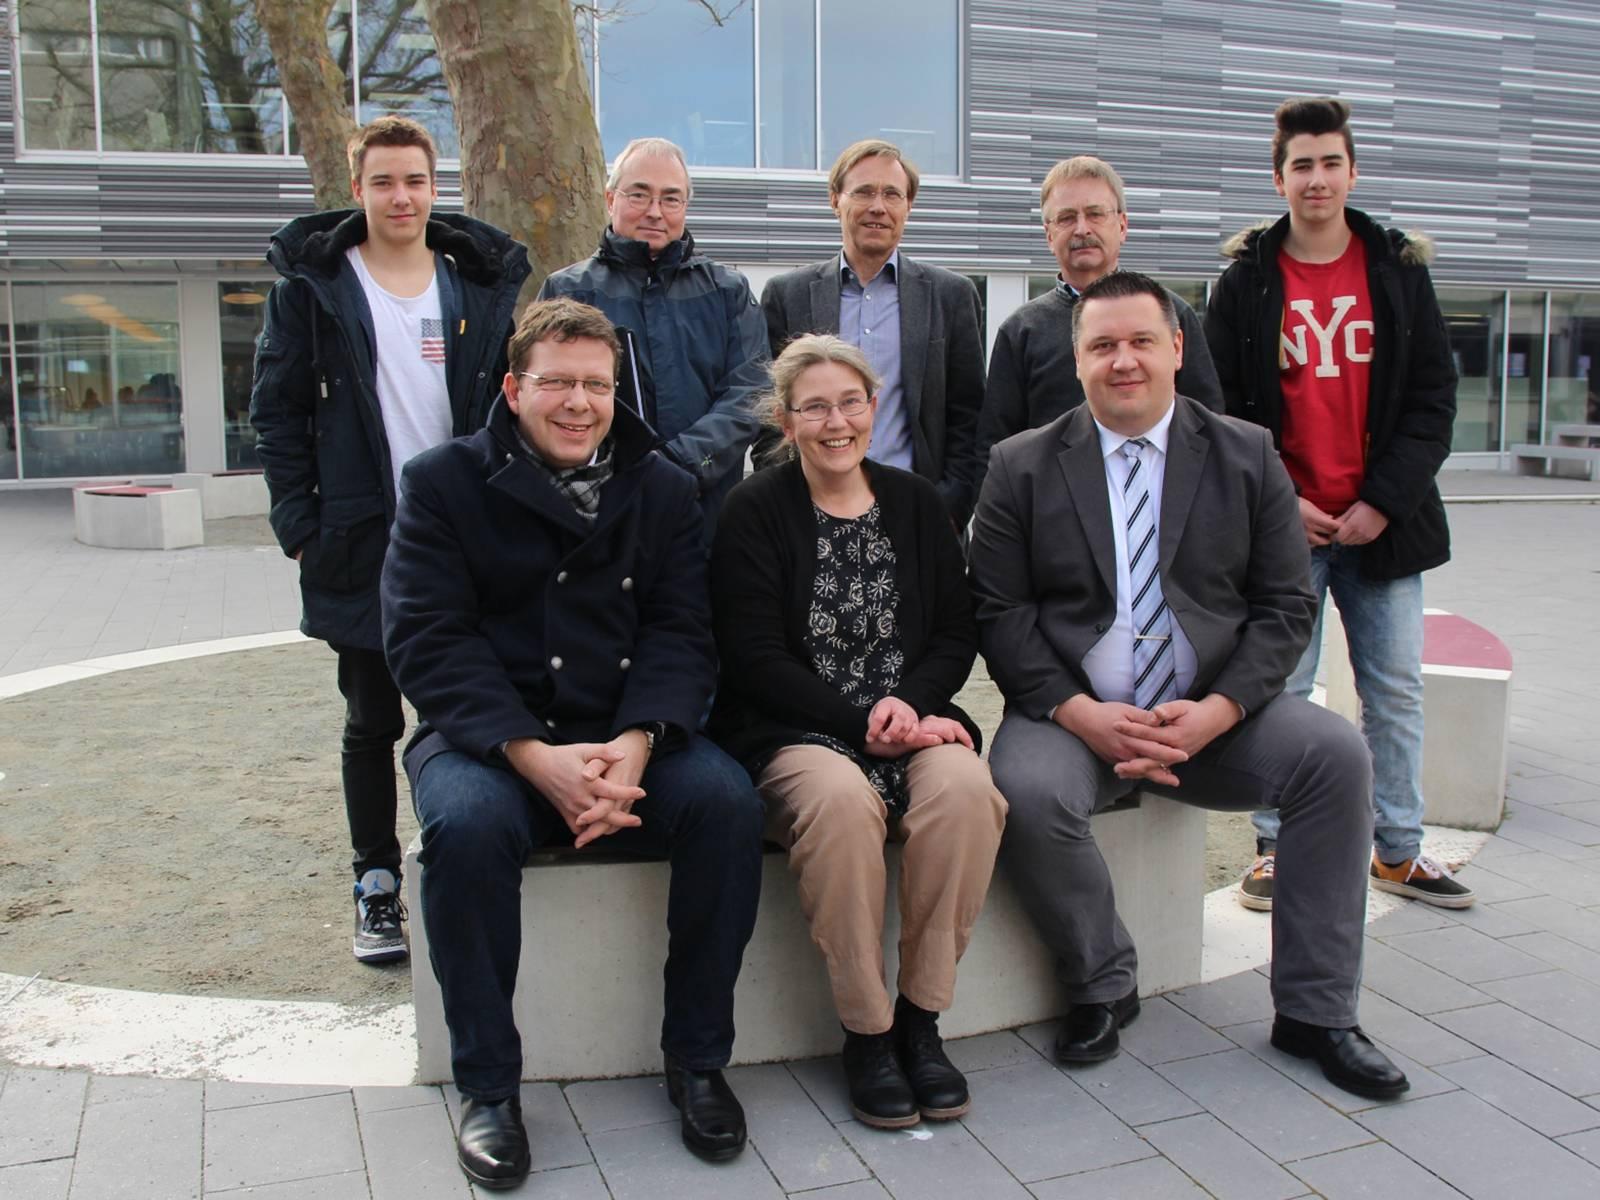 Eine Gruppe von acht Personen, sieben Männer und eine Frau, die vor einem Gebäude mit moderner Fassade stehen und sitzen.